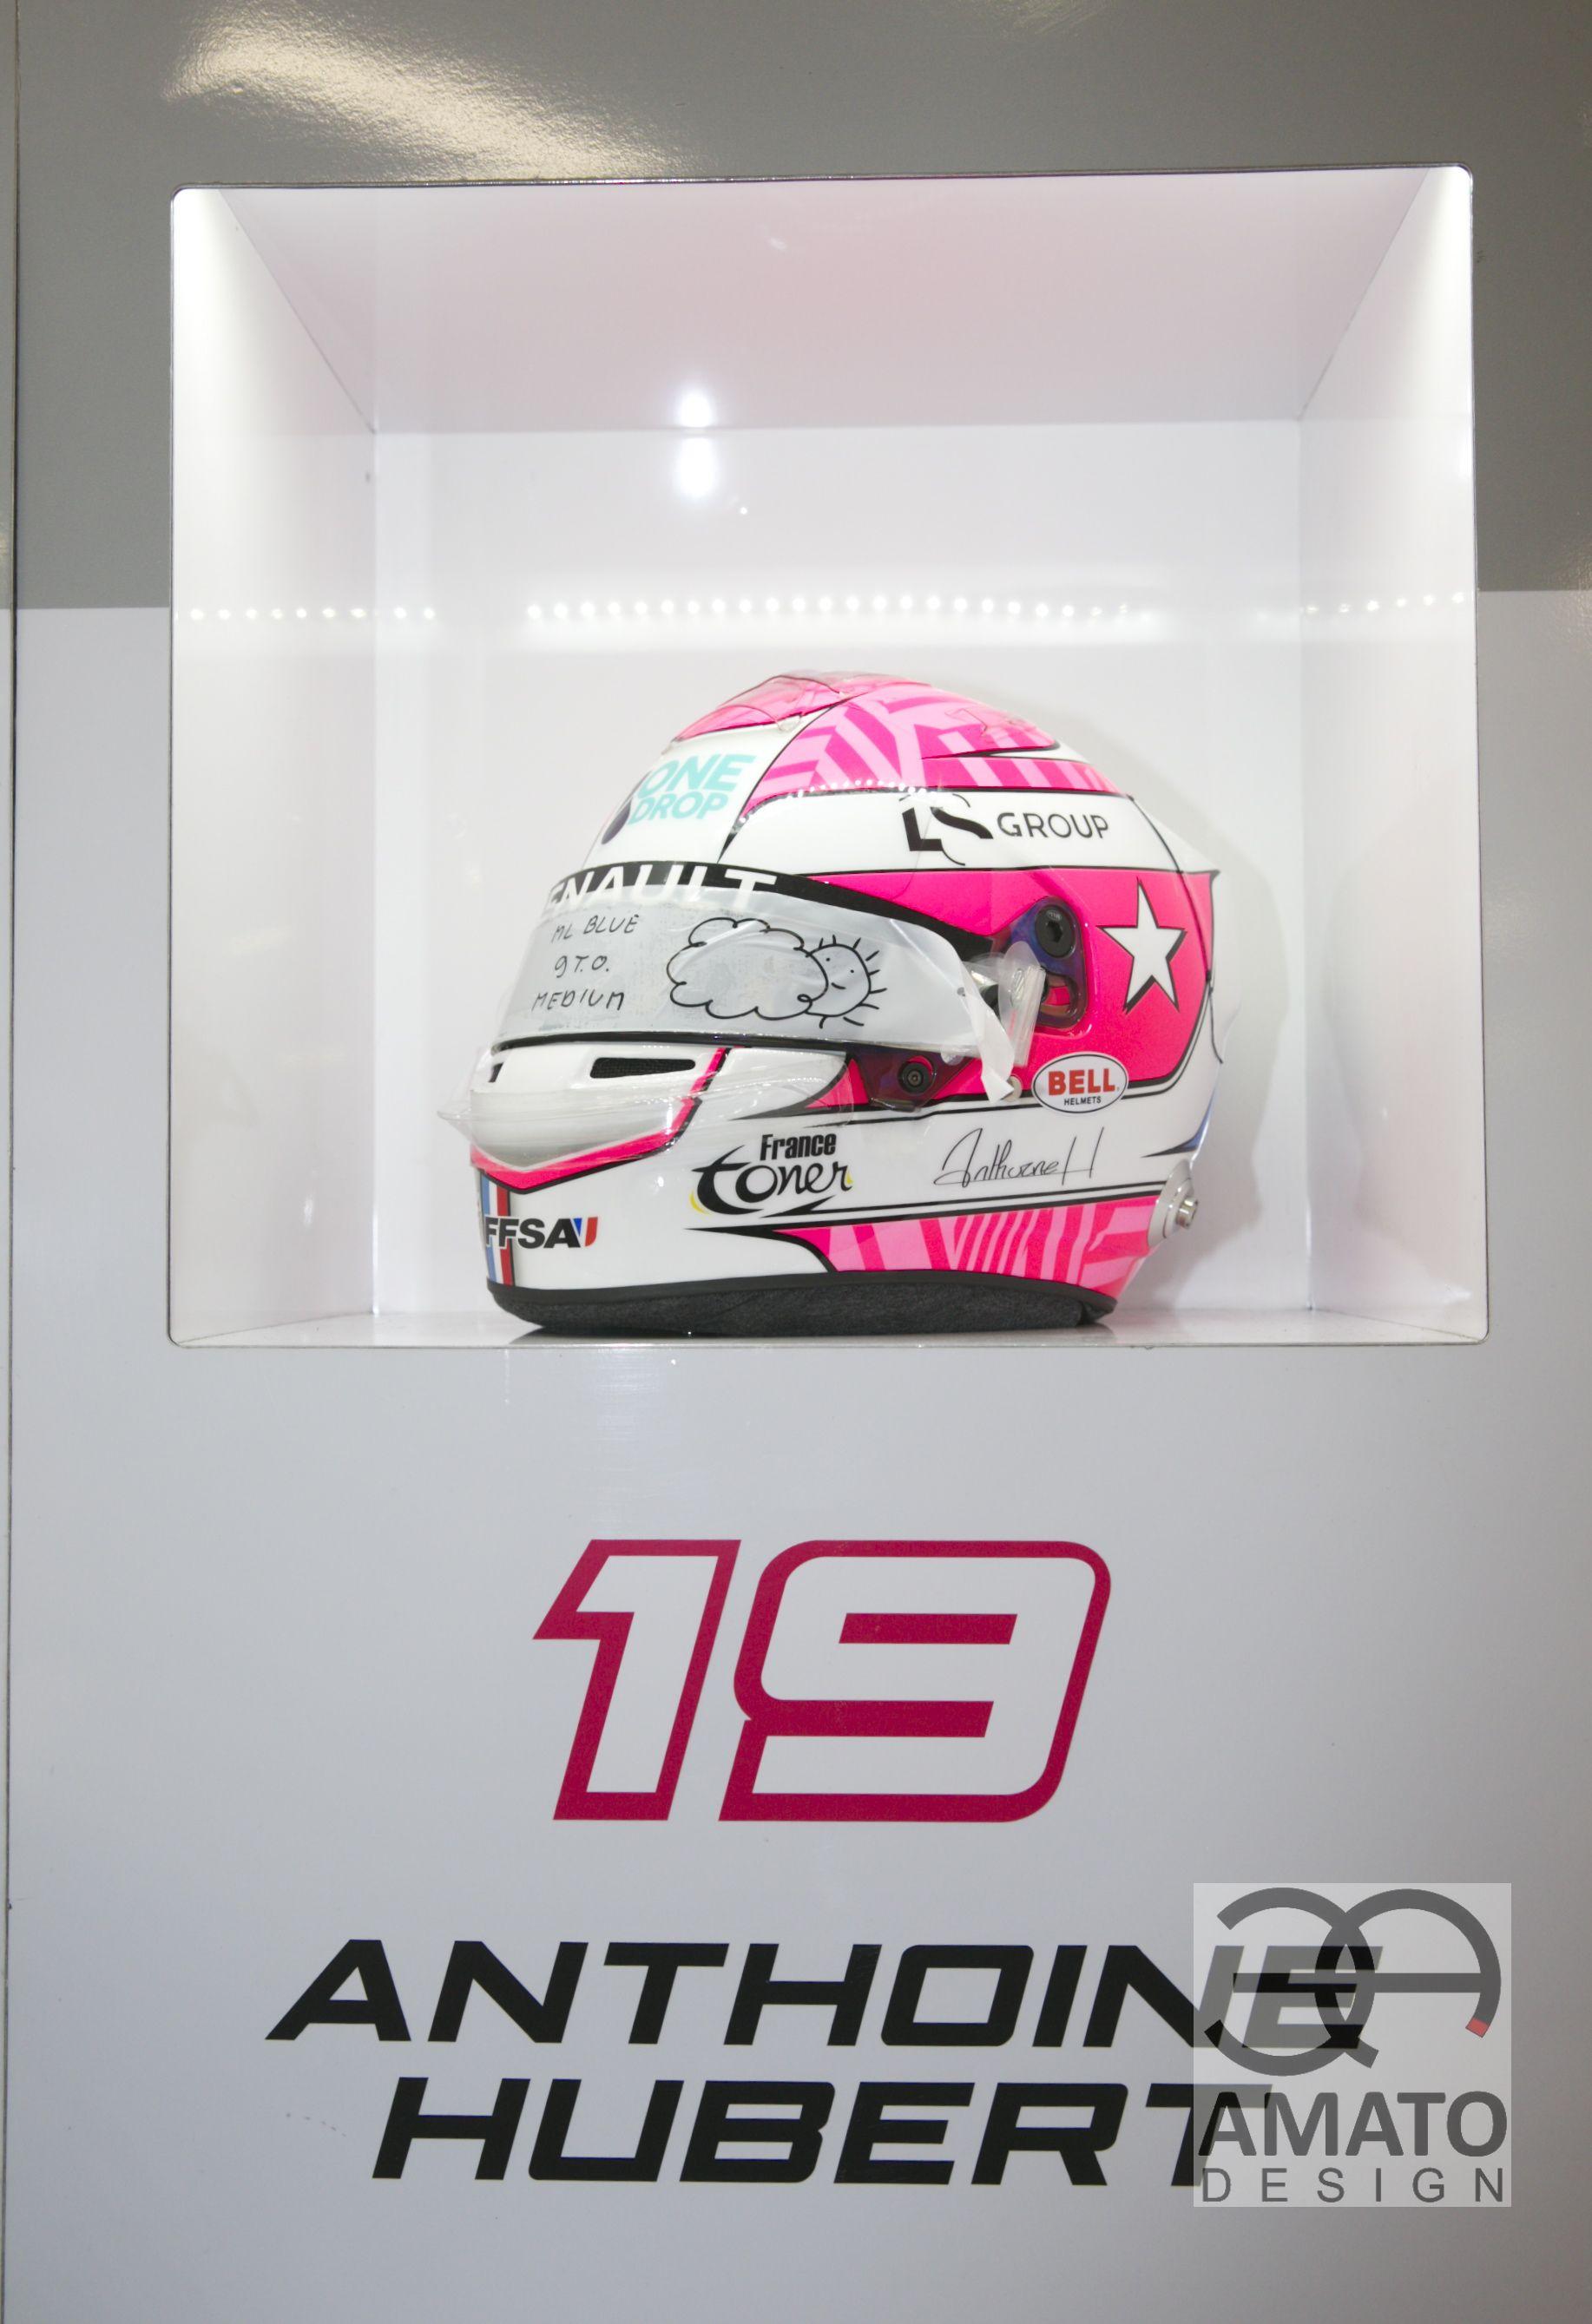 casque AMATO DESIGN d'Anthoine HUBERT lors de sa victoire en F2 à Monaco